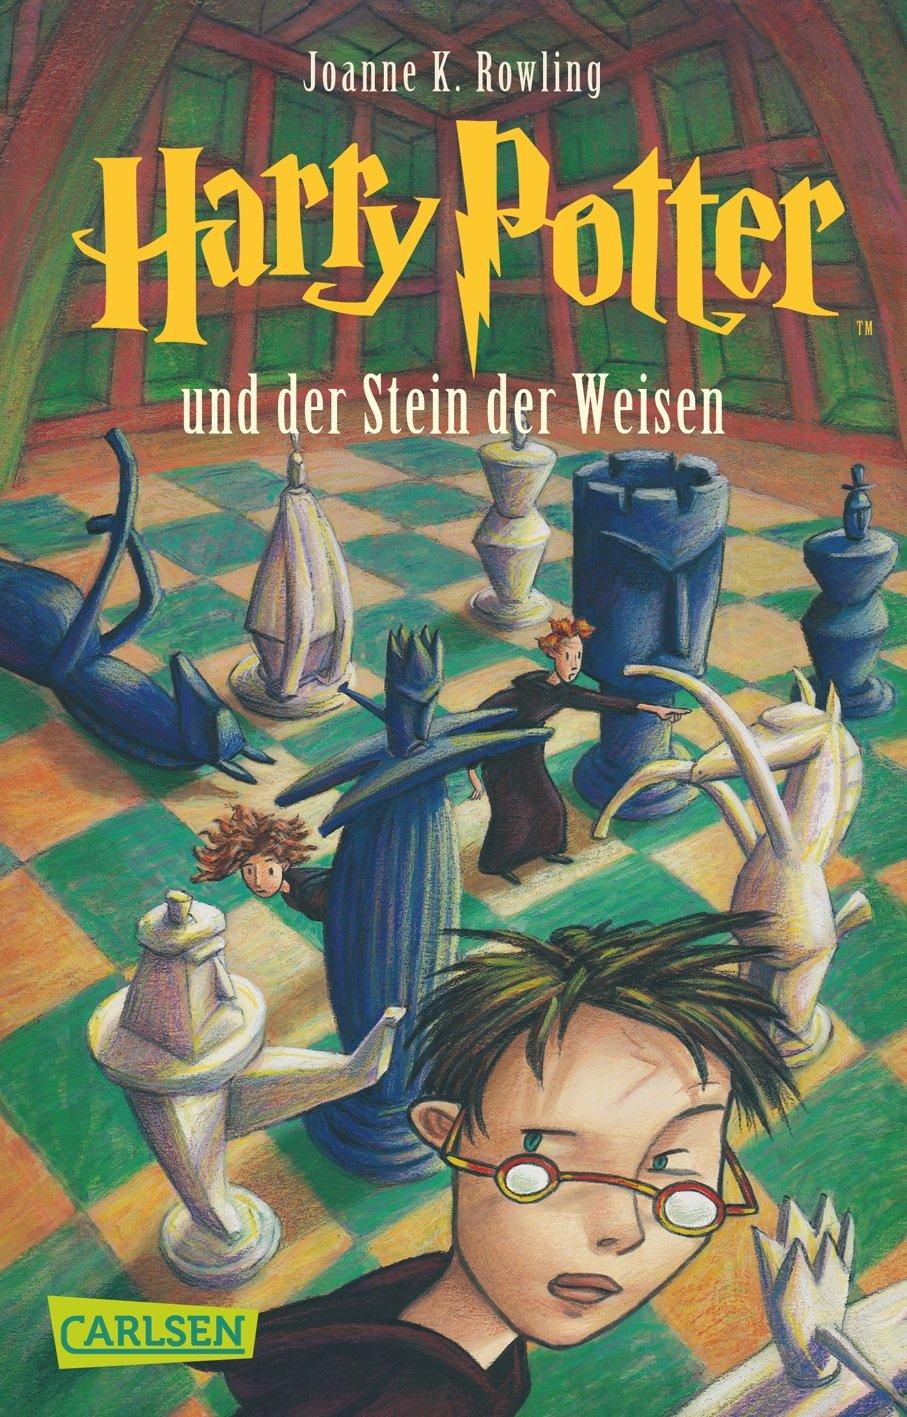 Harry Potter und der Stein der Weisen.jpg